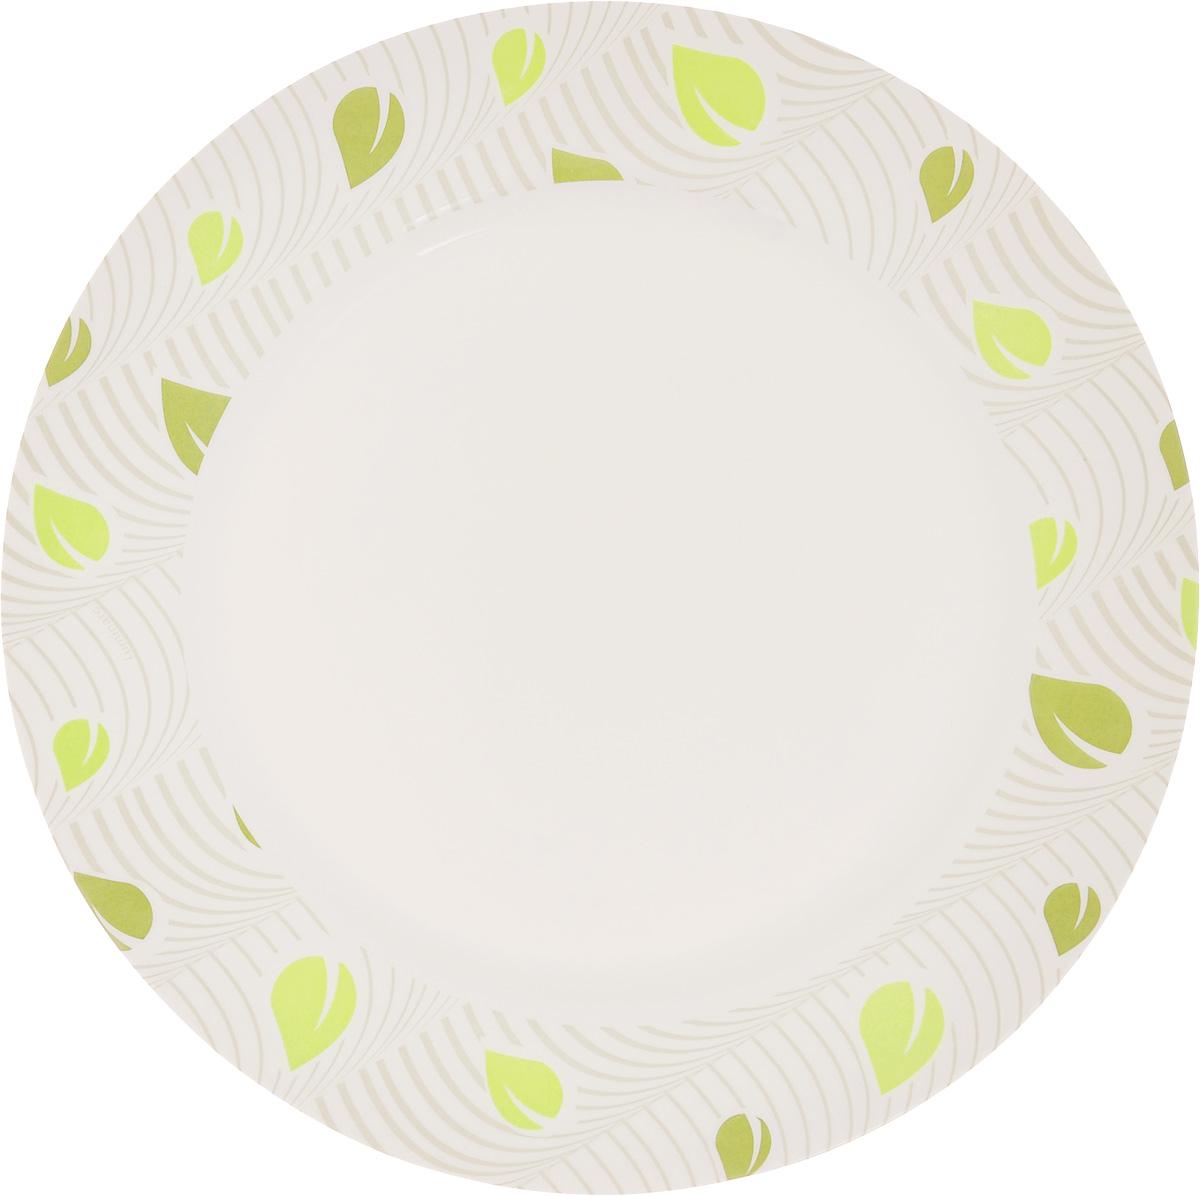 Тарелка Luminarc Amely, диаметр 26,5 смJ1779Элегантная тарелка Luminarc Amely, изготовленная из ударопрочного стекла, имеет изысканный внешний вид. Такая тарелка прекрасно подходит как для торжественных случаев, так и для повседневного использования. Она прекрасно оформит стол и станет отличным дополнением к вашей коллекции кухонной посуды. Диаметр тарелки (по верхнему краю): 26,5 см.